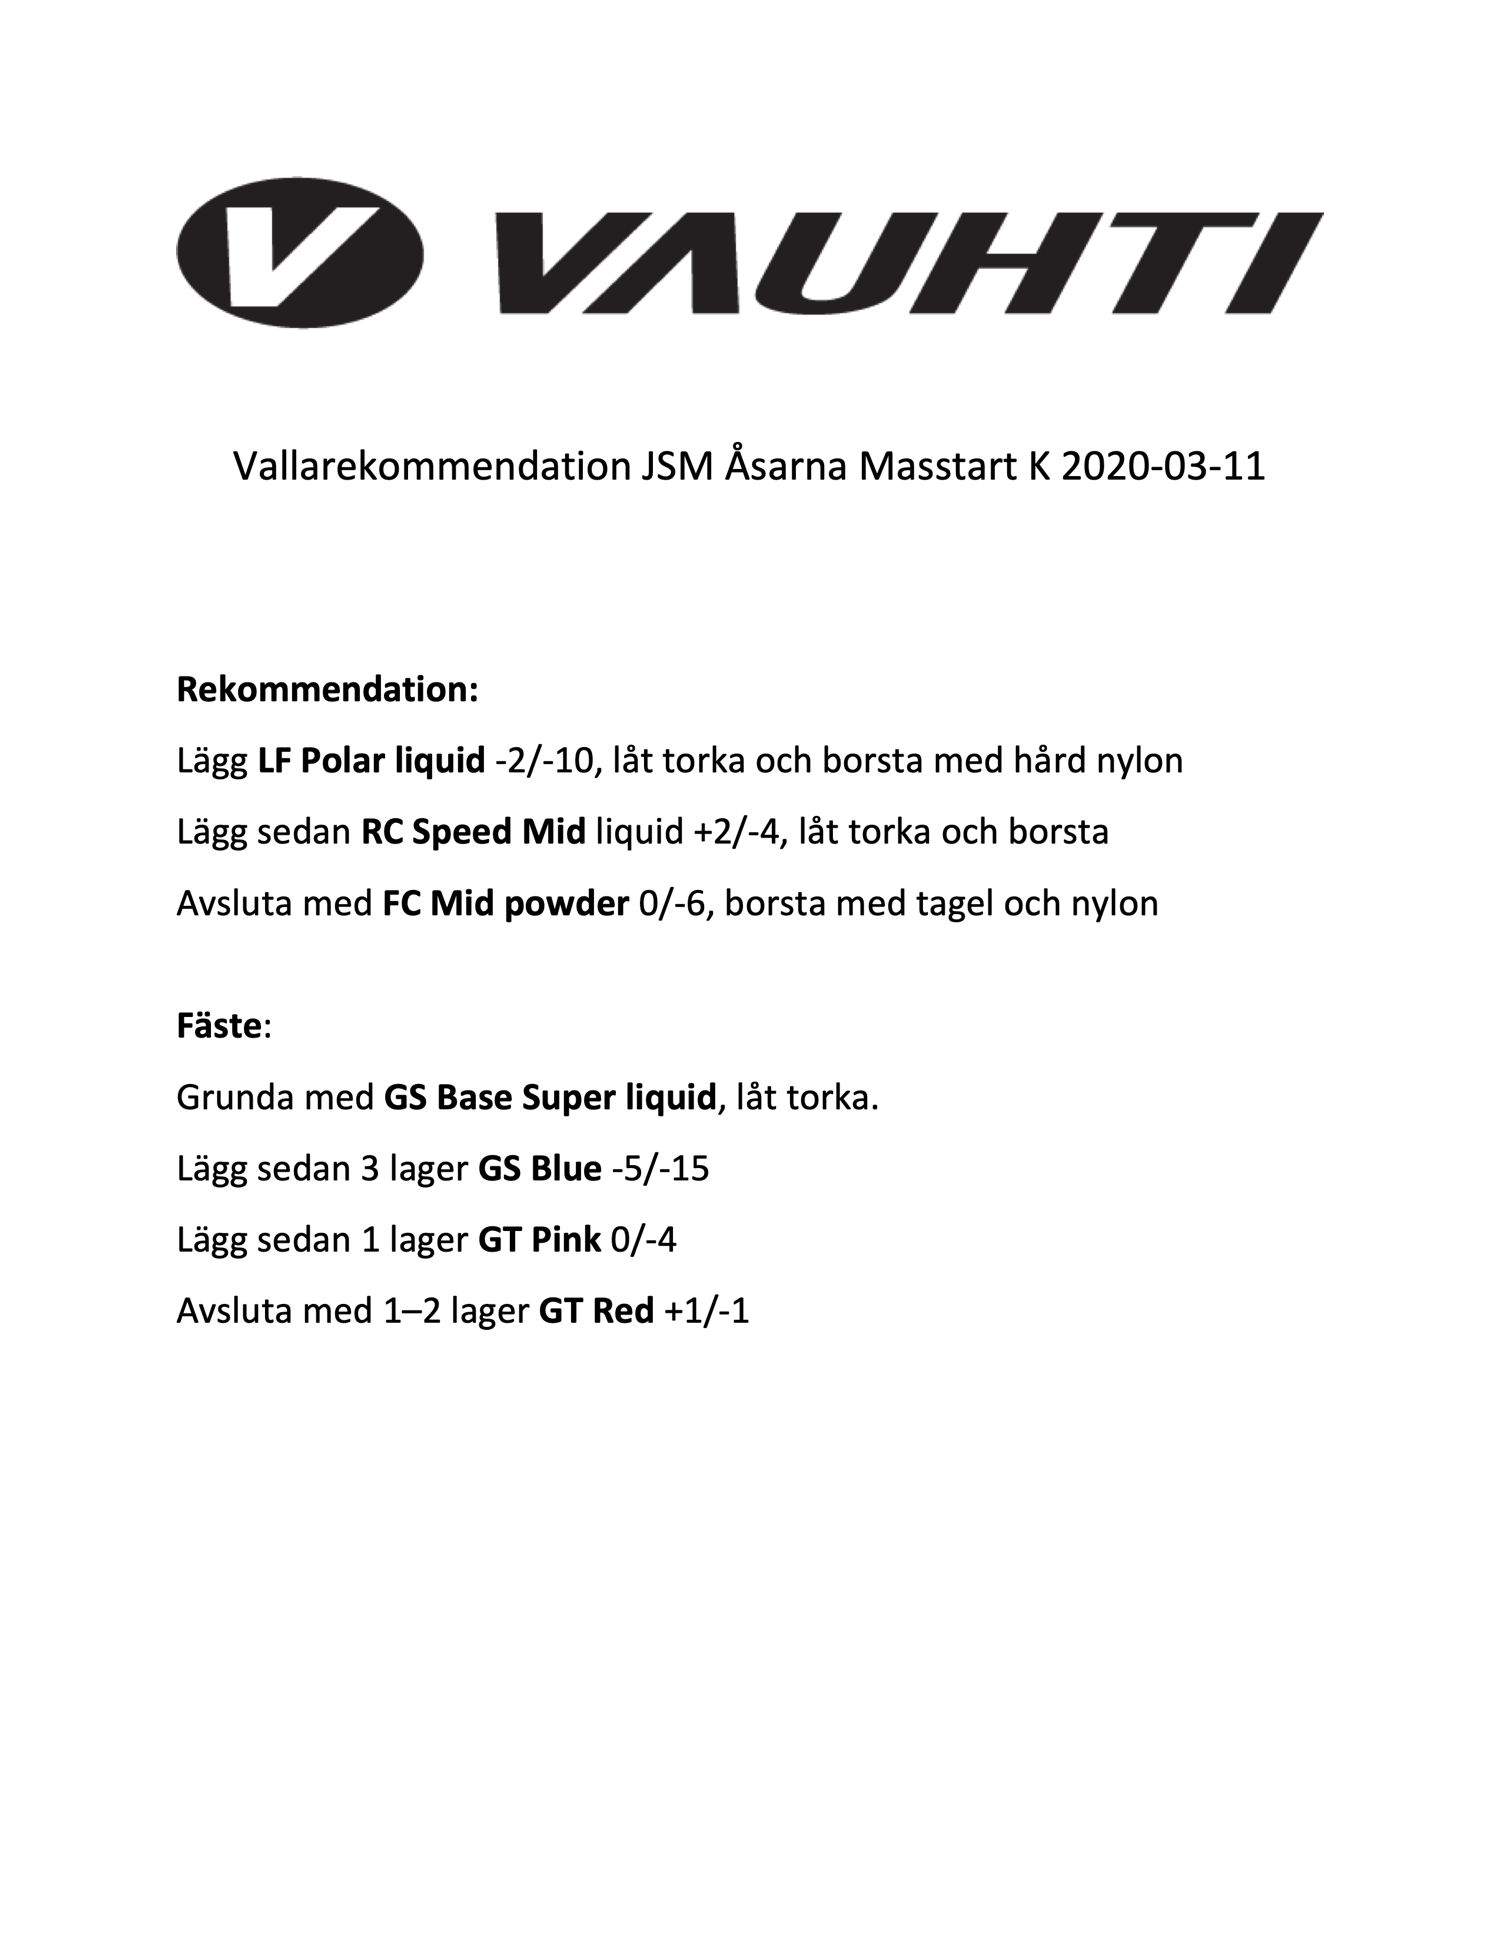 JSM Åsarna Masstart.jpg